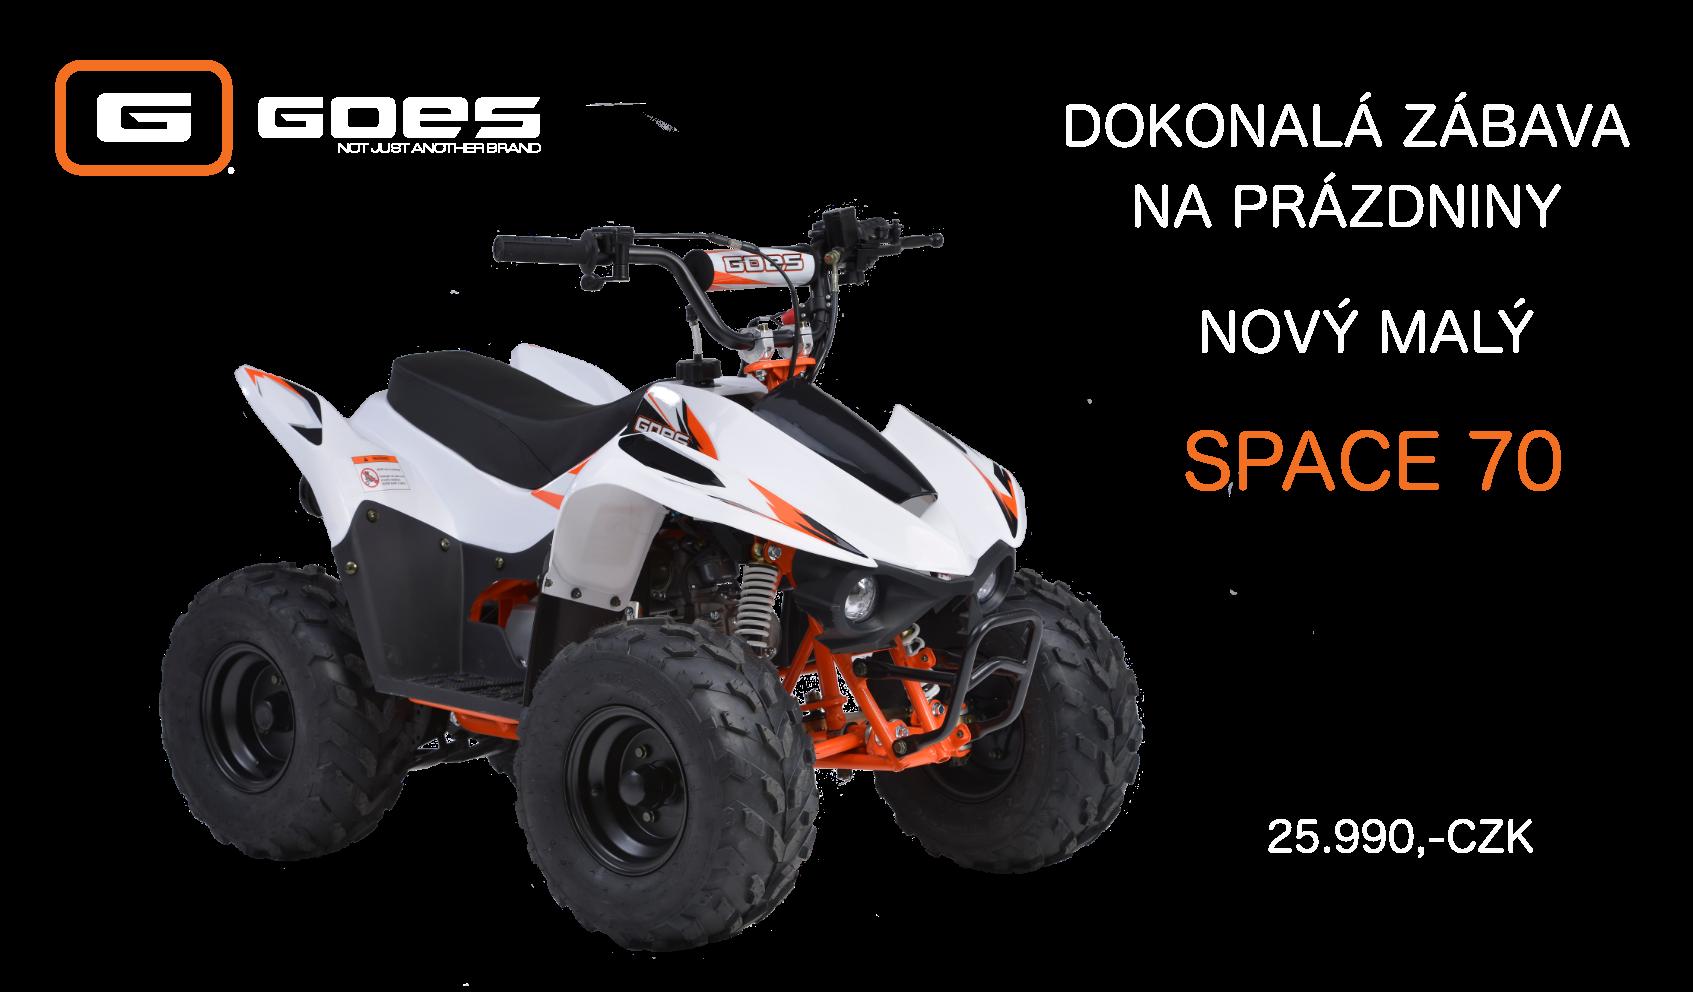 Nový malý Space 70